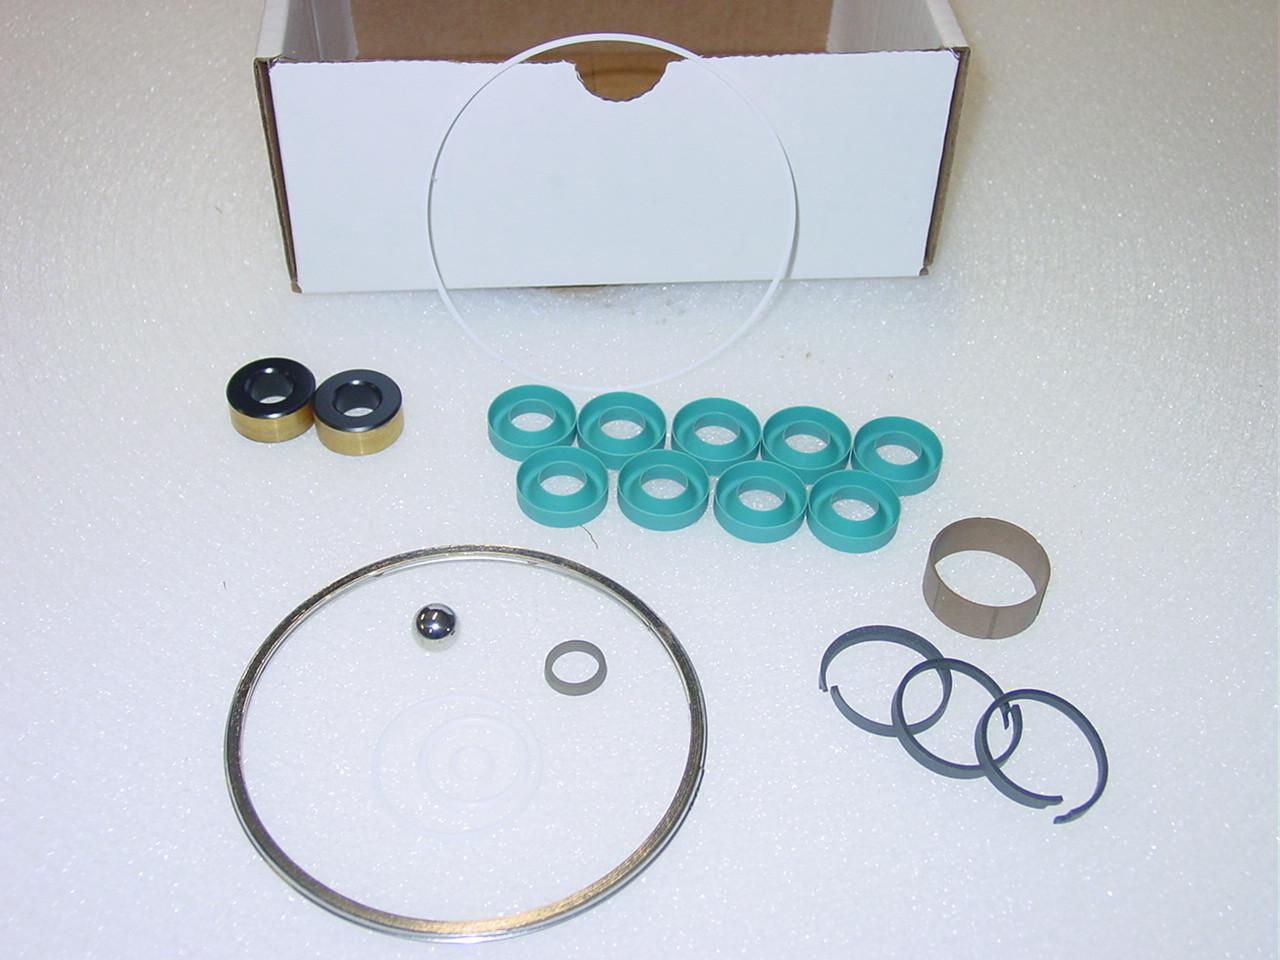 Cryo-Chem P1600 Minor Repair Kit